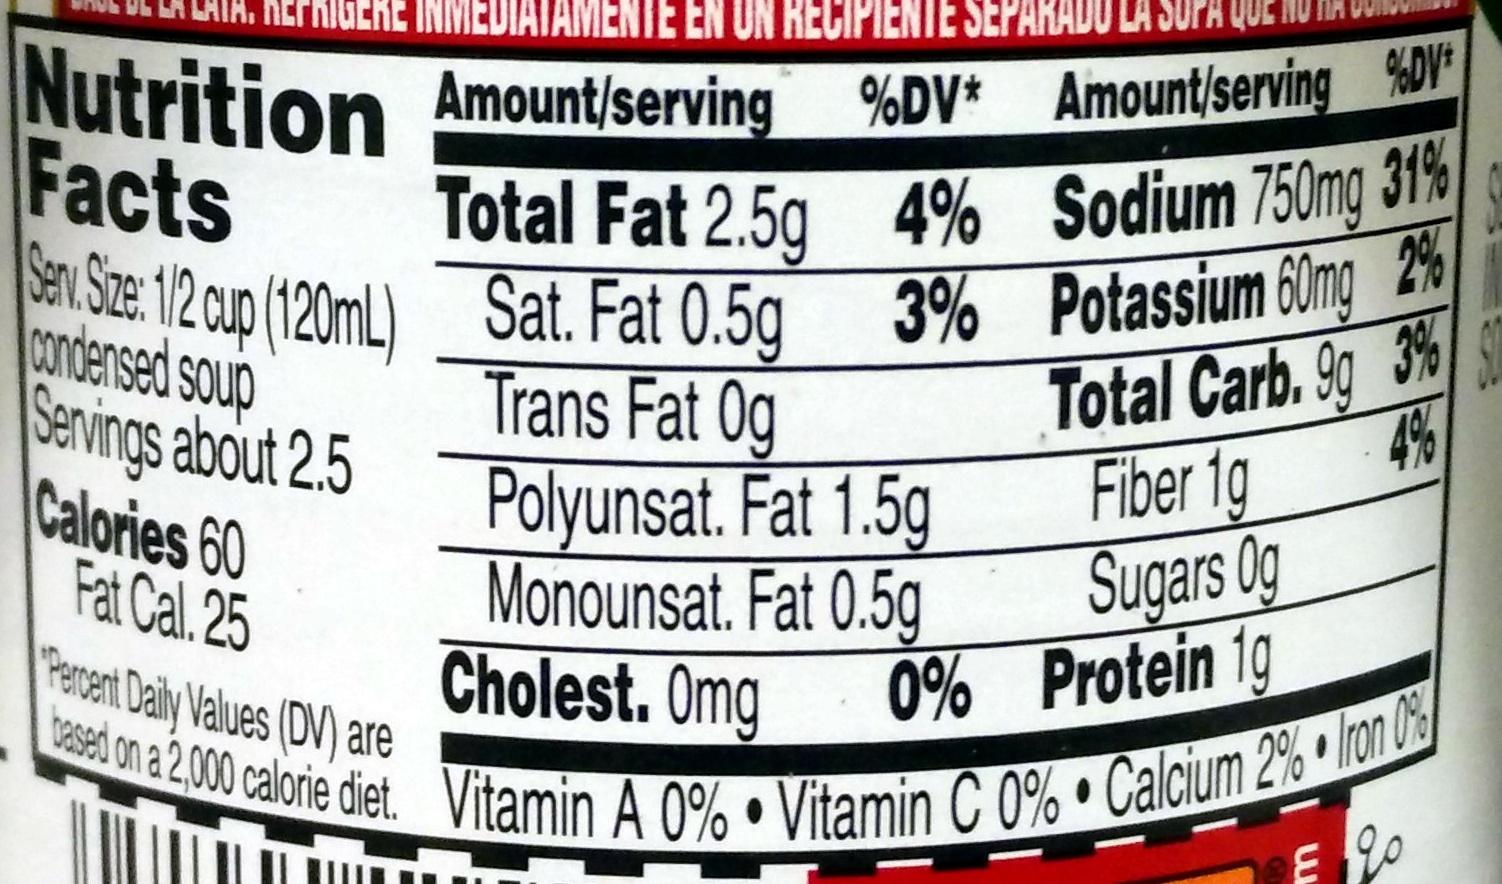 Cream of Mushroom - Nutrition facts